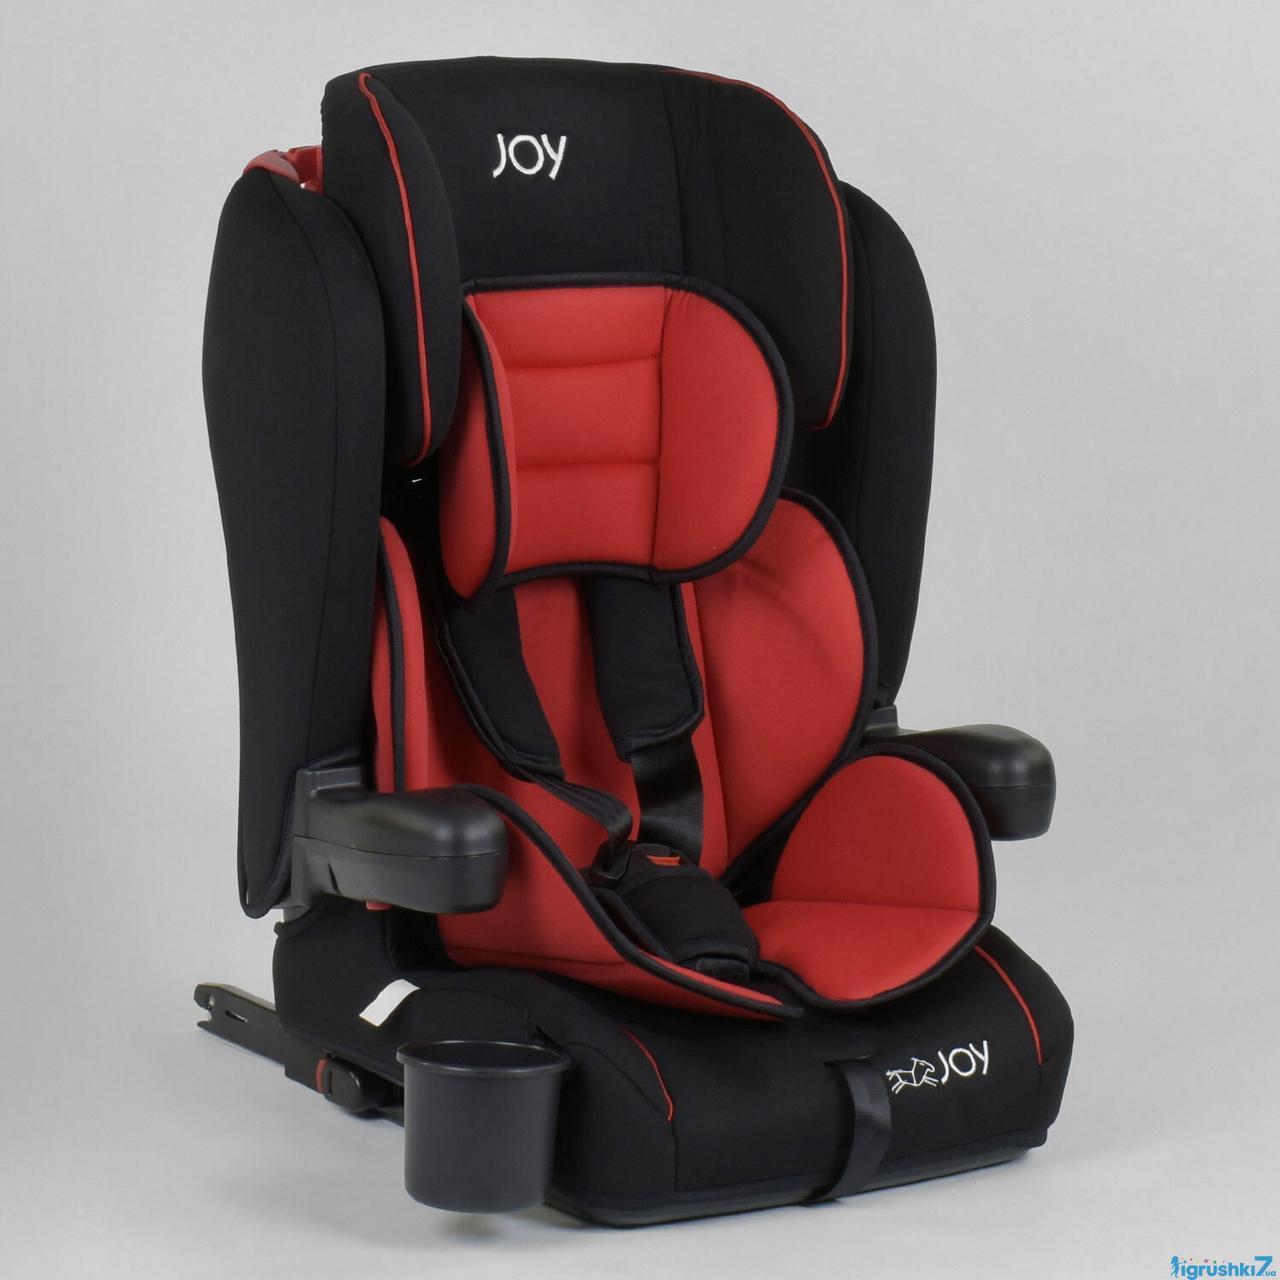 Дитяче авто крісло JOY (з системою ISOFIX) для дітей 9-36кг. ОРИГІНАЛ